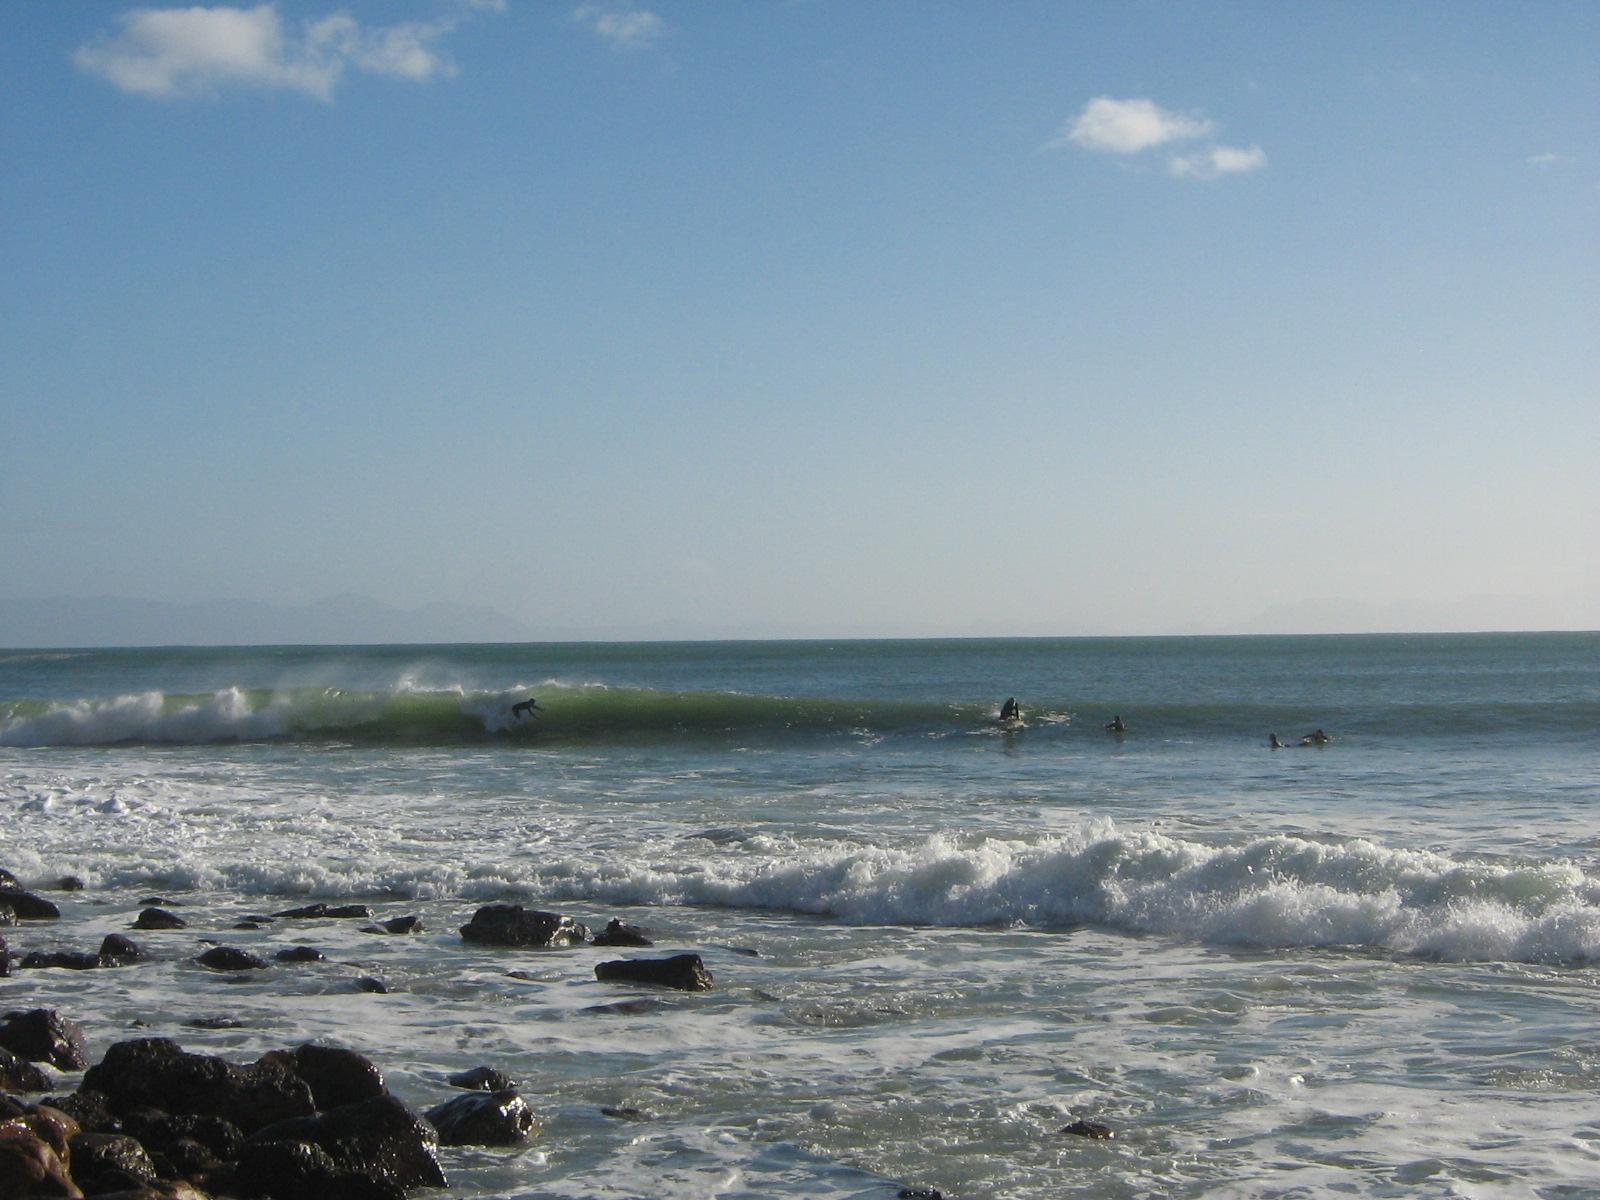 Winter surf | Bikini Beach